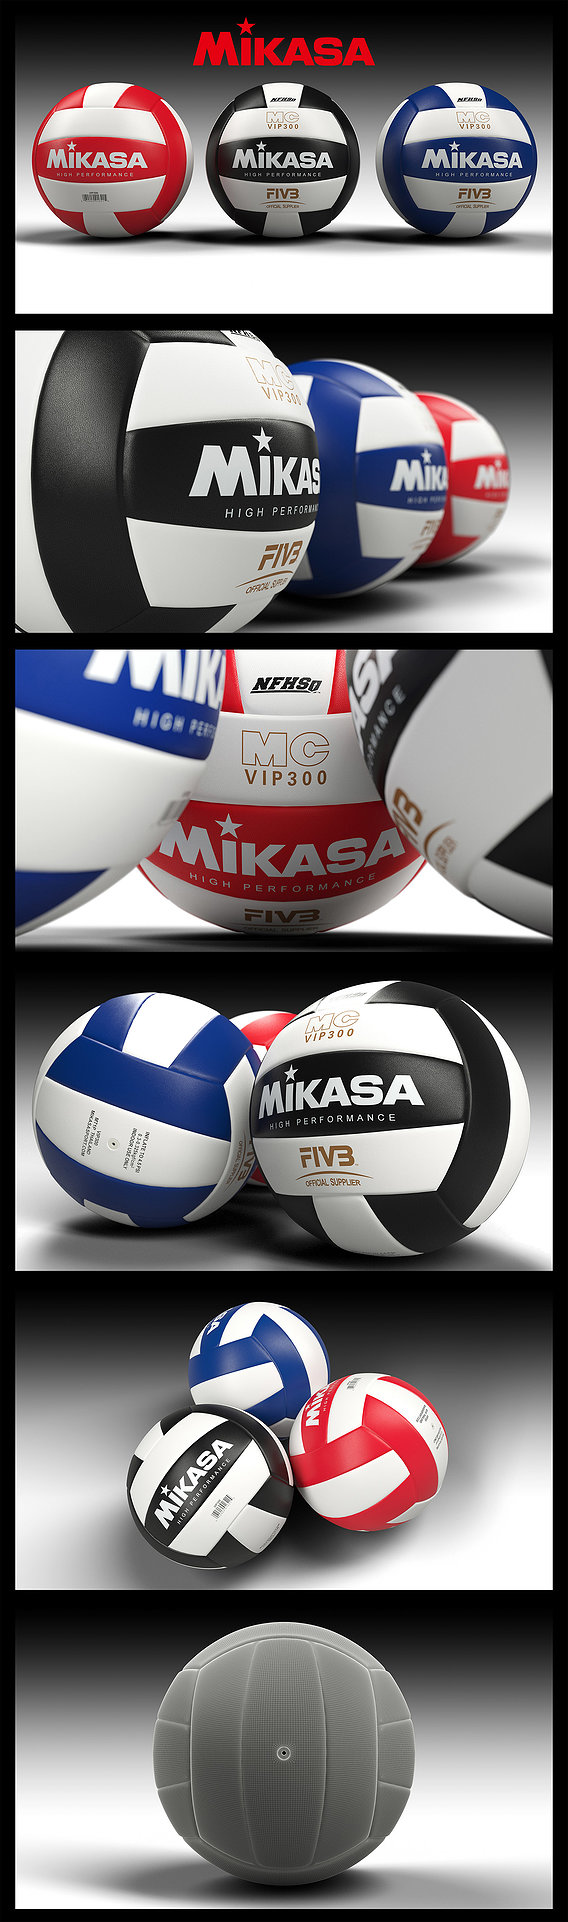 Volleyball - ball - Mikasa VIP300 Series